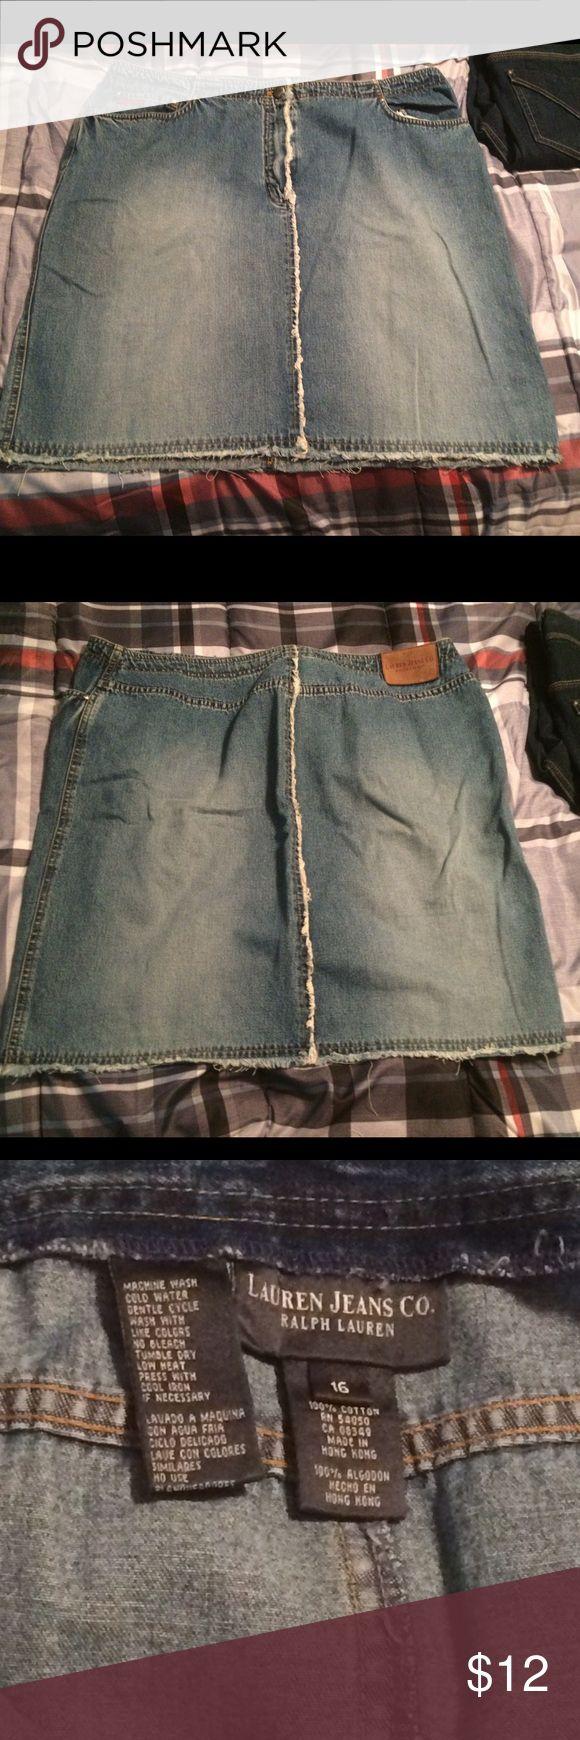 Ralph Lauren Jean Skirt size 16 Ralph Lauren soft light jean skirt. Size 16, rarely worn. Ralph Lauren Skirts